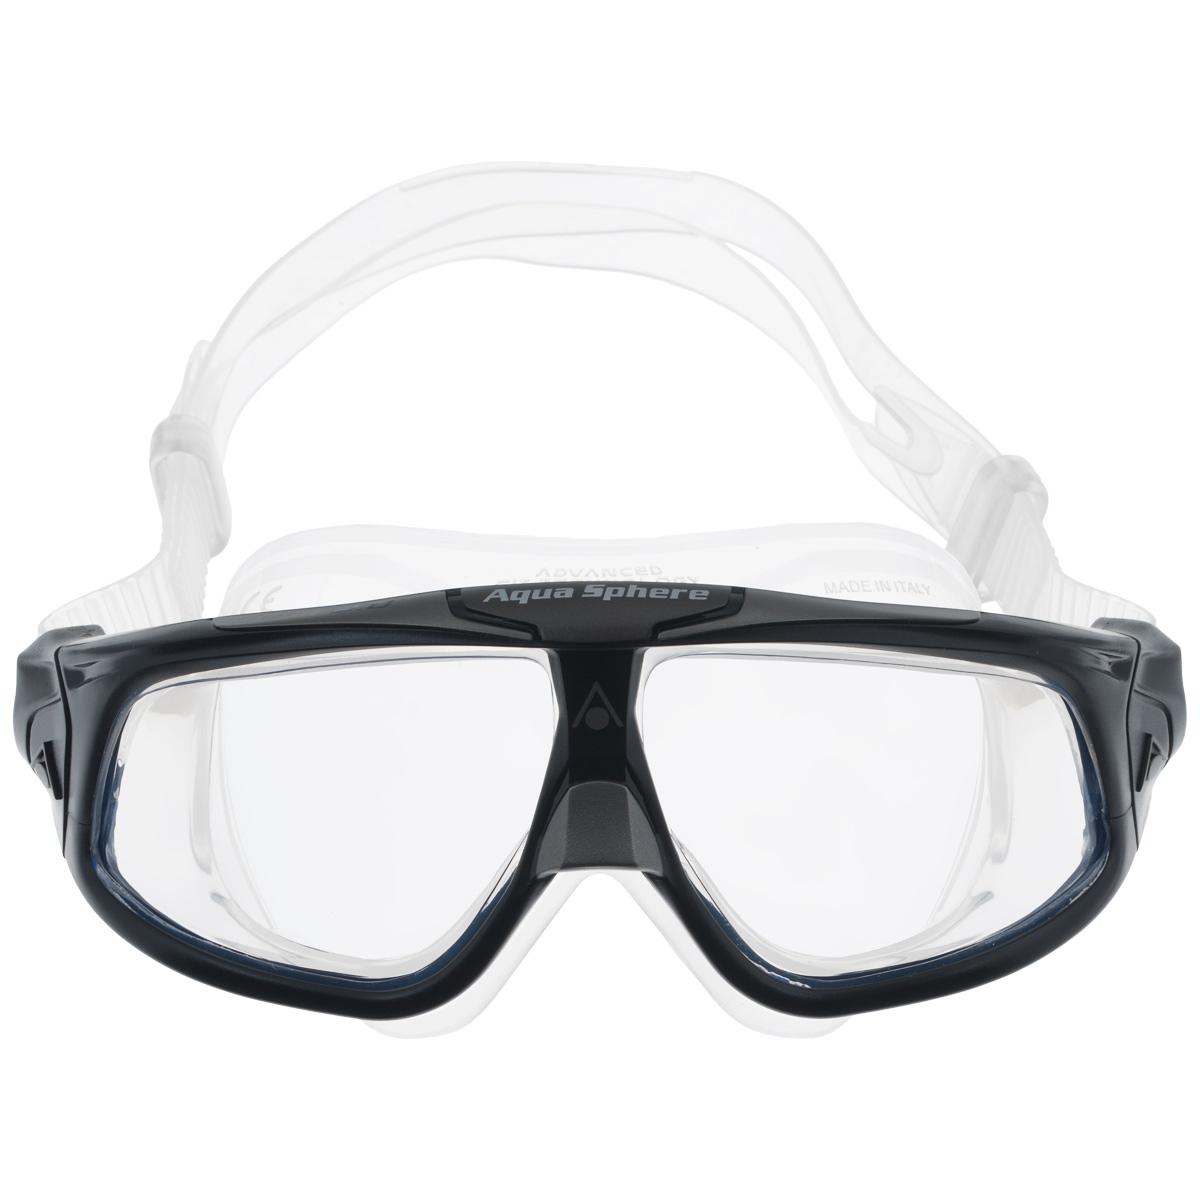 Очки для плавания Aqua Sphere Seal 2.0, цвет: черный, серебристыйTN 175100Aqua Sphere Seal 2.0 являются идеальными очками для тех, кто пользуется контактными линзами, так как они обеспечивают высокий уровень защиты глаз от внешних раздражителей, бактерий, соли и хлора.Особая форма линз обеспечивает панорамный обзор 180°. Очки дают 100% защиту от ультрафиолетового излучения. Специальное покрытие препятствует запотеванию стекол.Материал: силикон, plexisol.